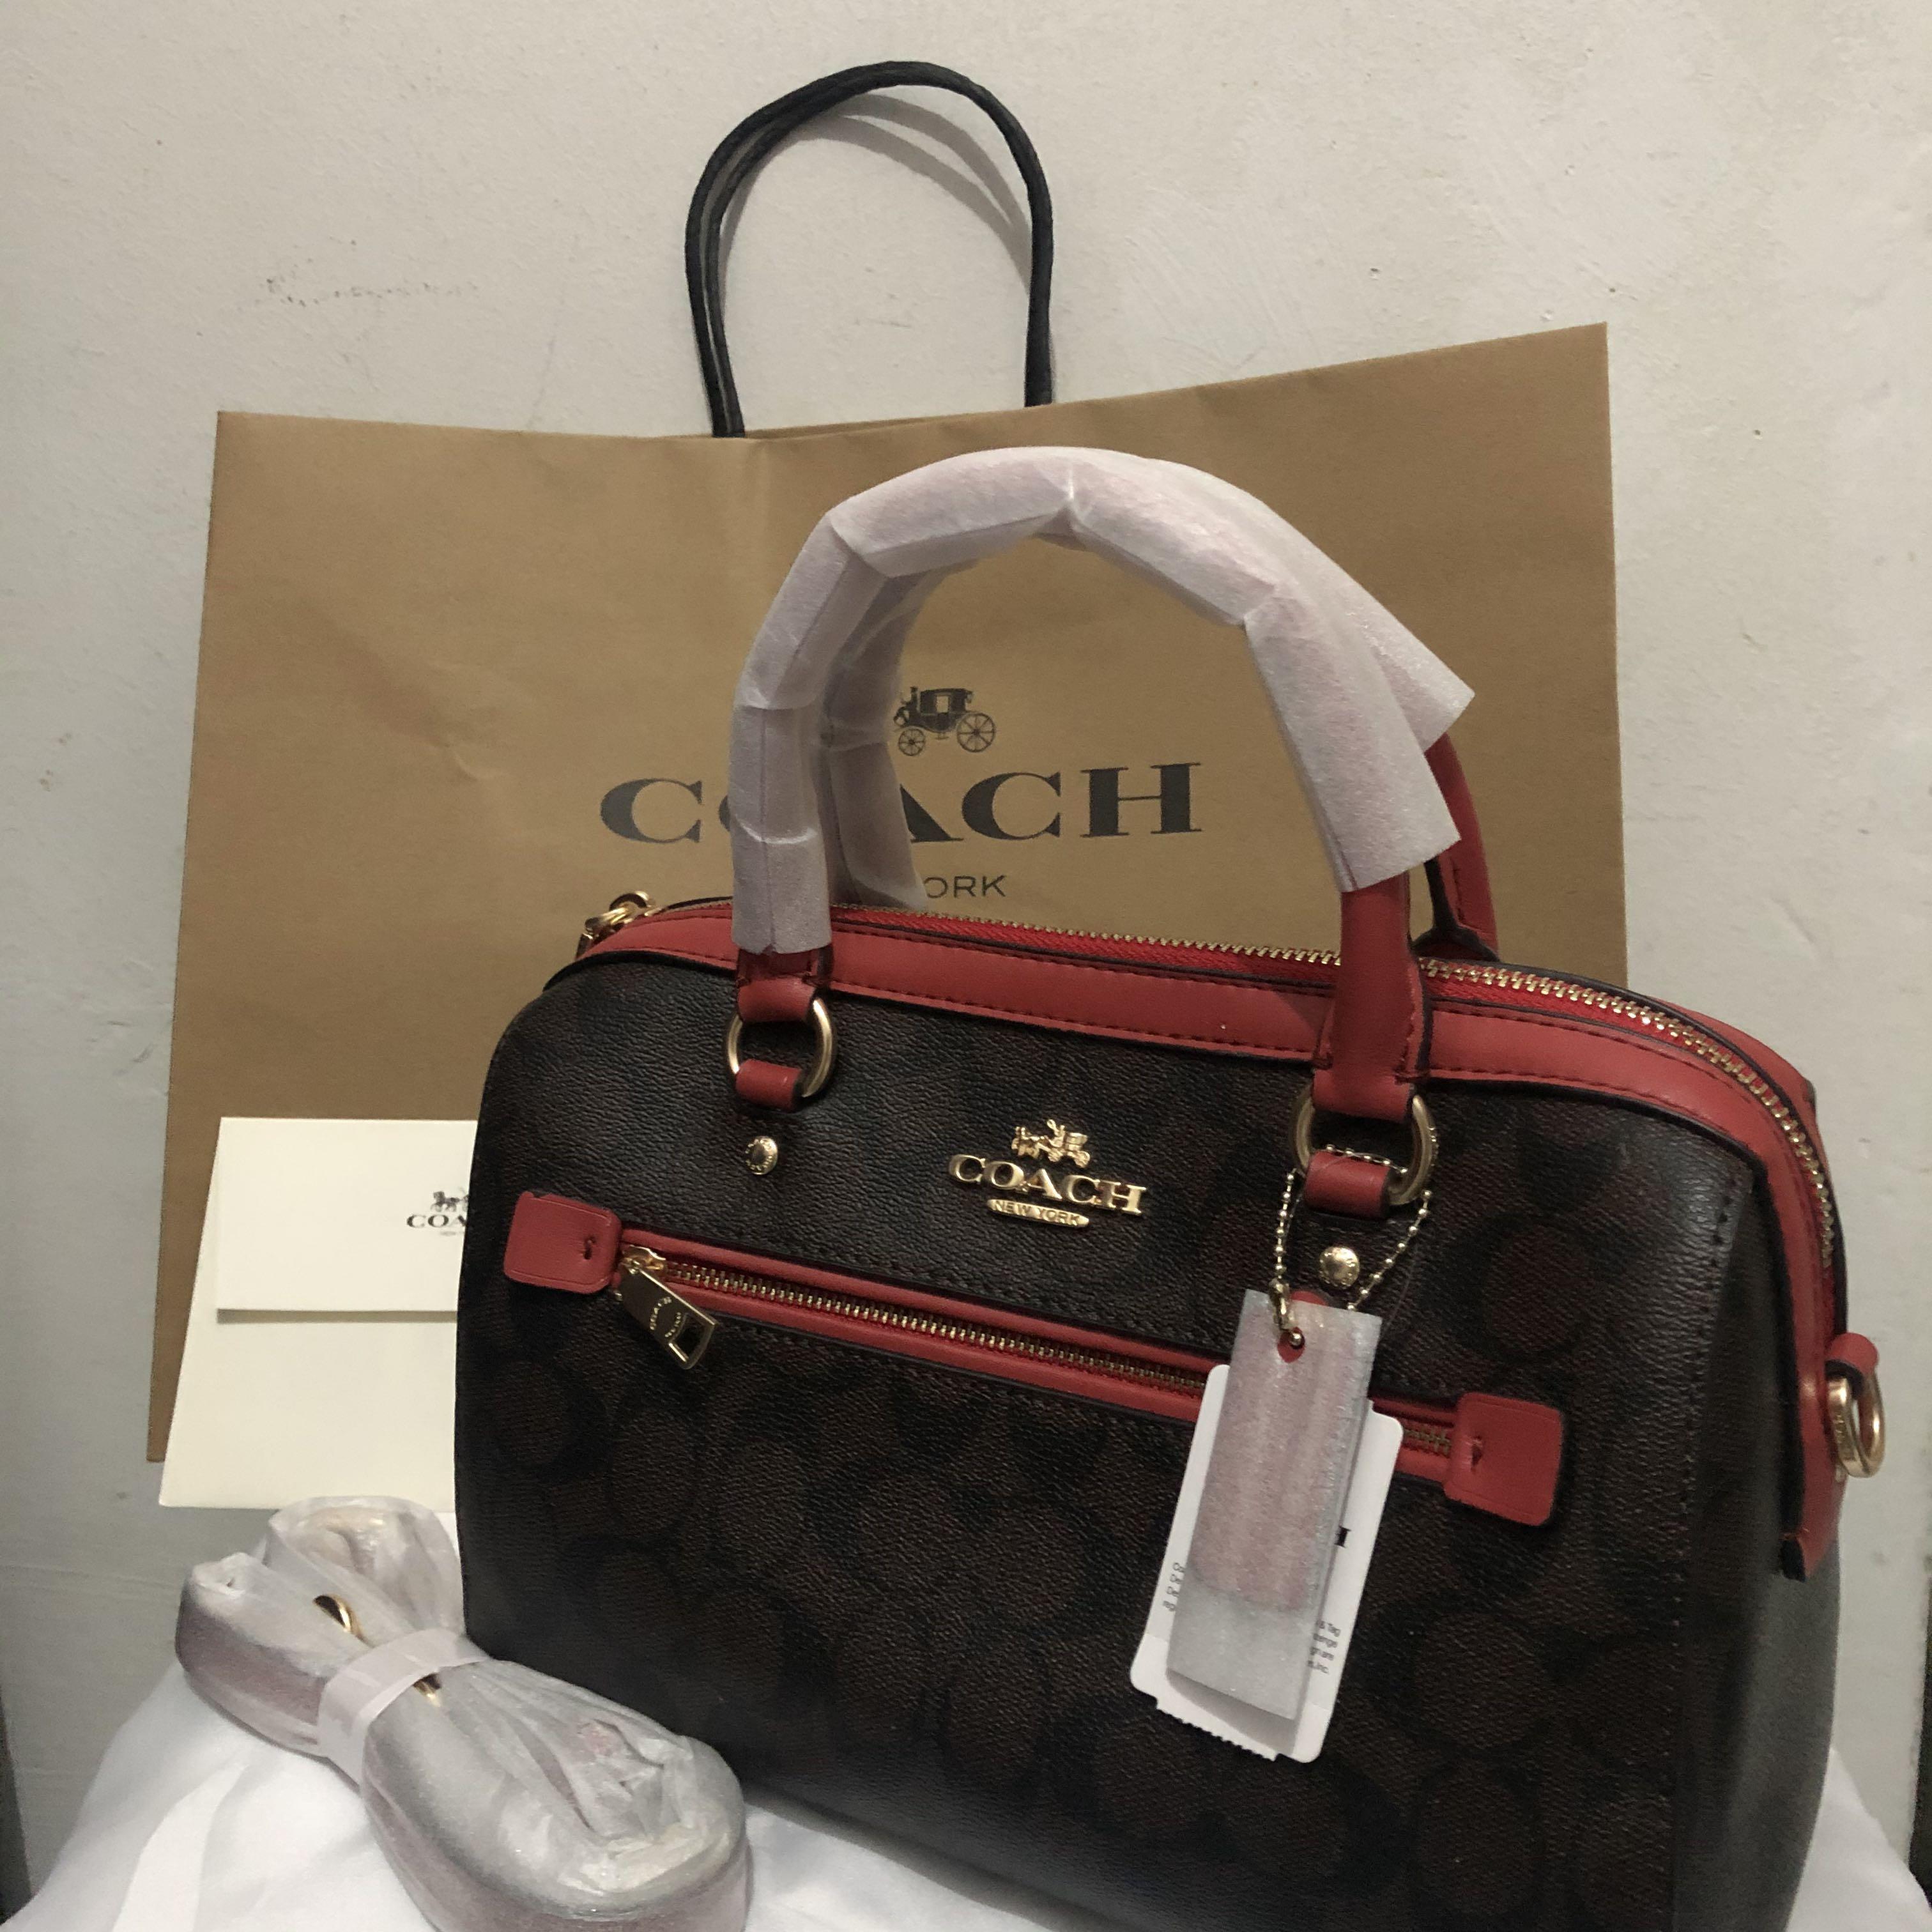 SALE! Coach handbag